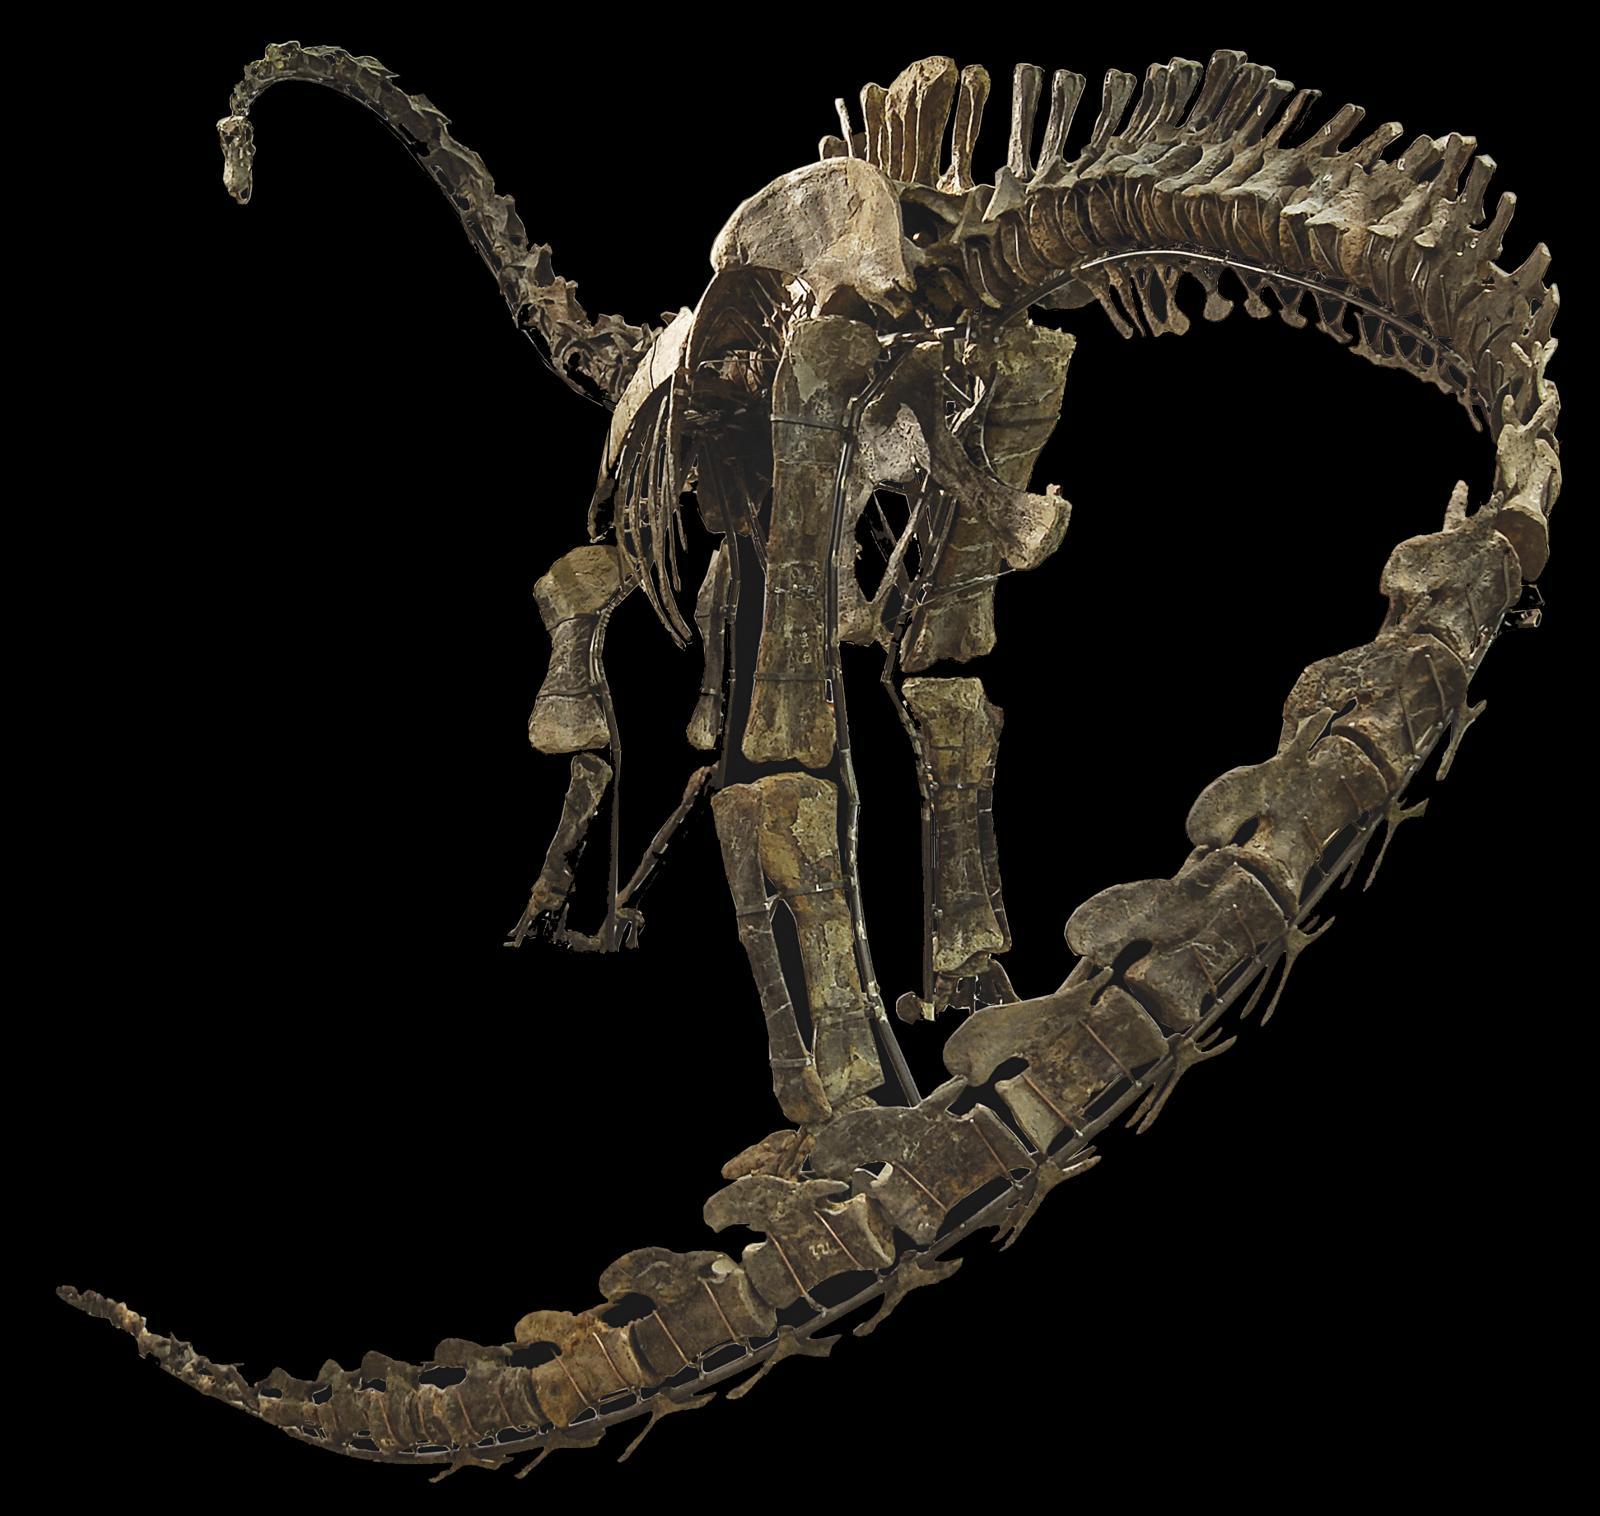 États-Unis, Wyoming, comté de Johnson, monts BigHorn orientaux, Jurassique supérieur, formation de Morrison (161-145millions d'années). Squelette de